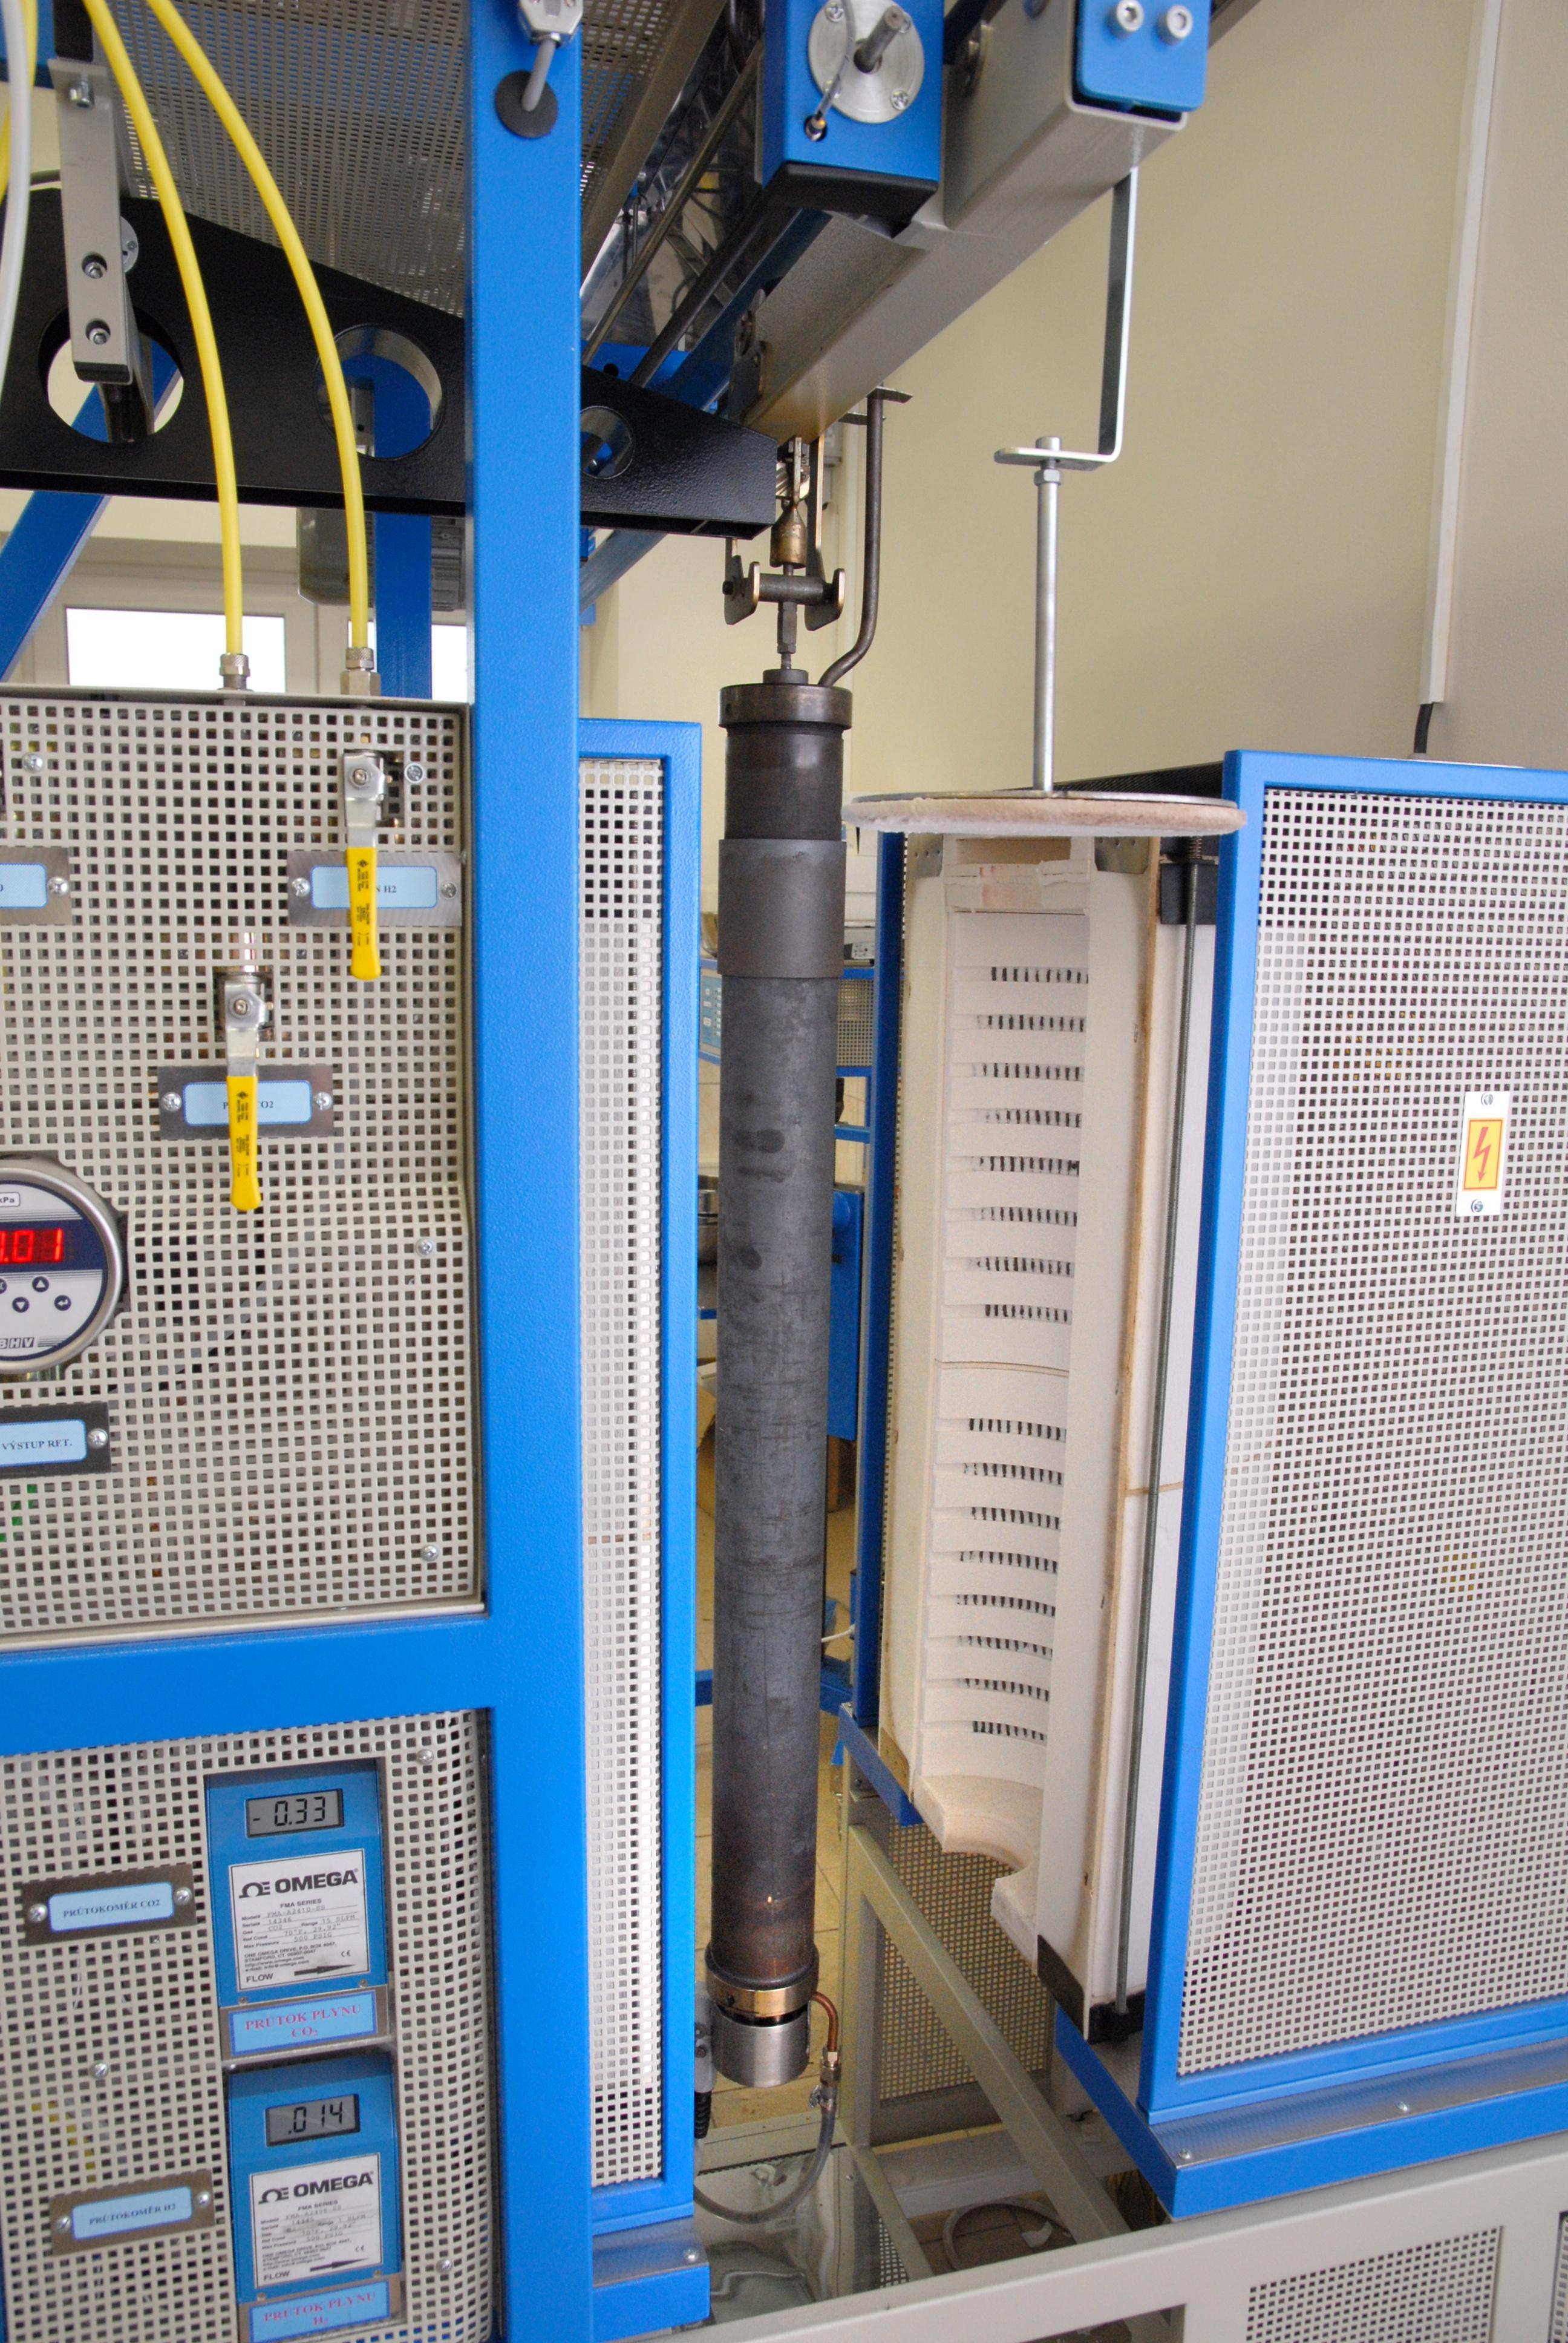 Zajíždění retorty do pece - - - Inserting retort into the furnace